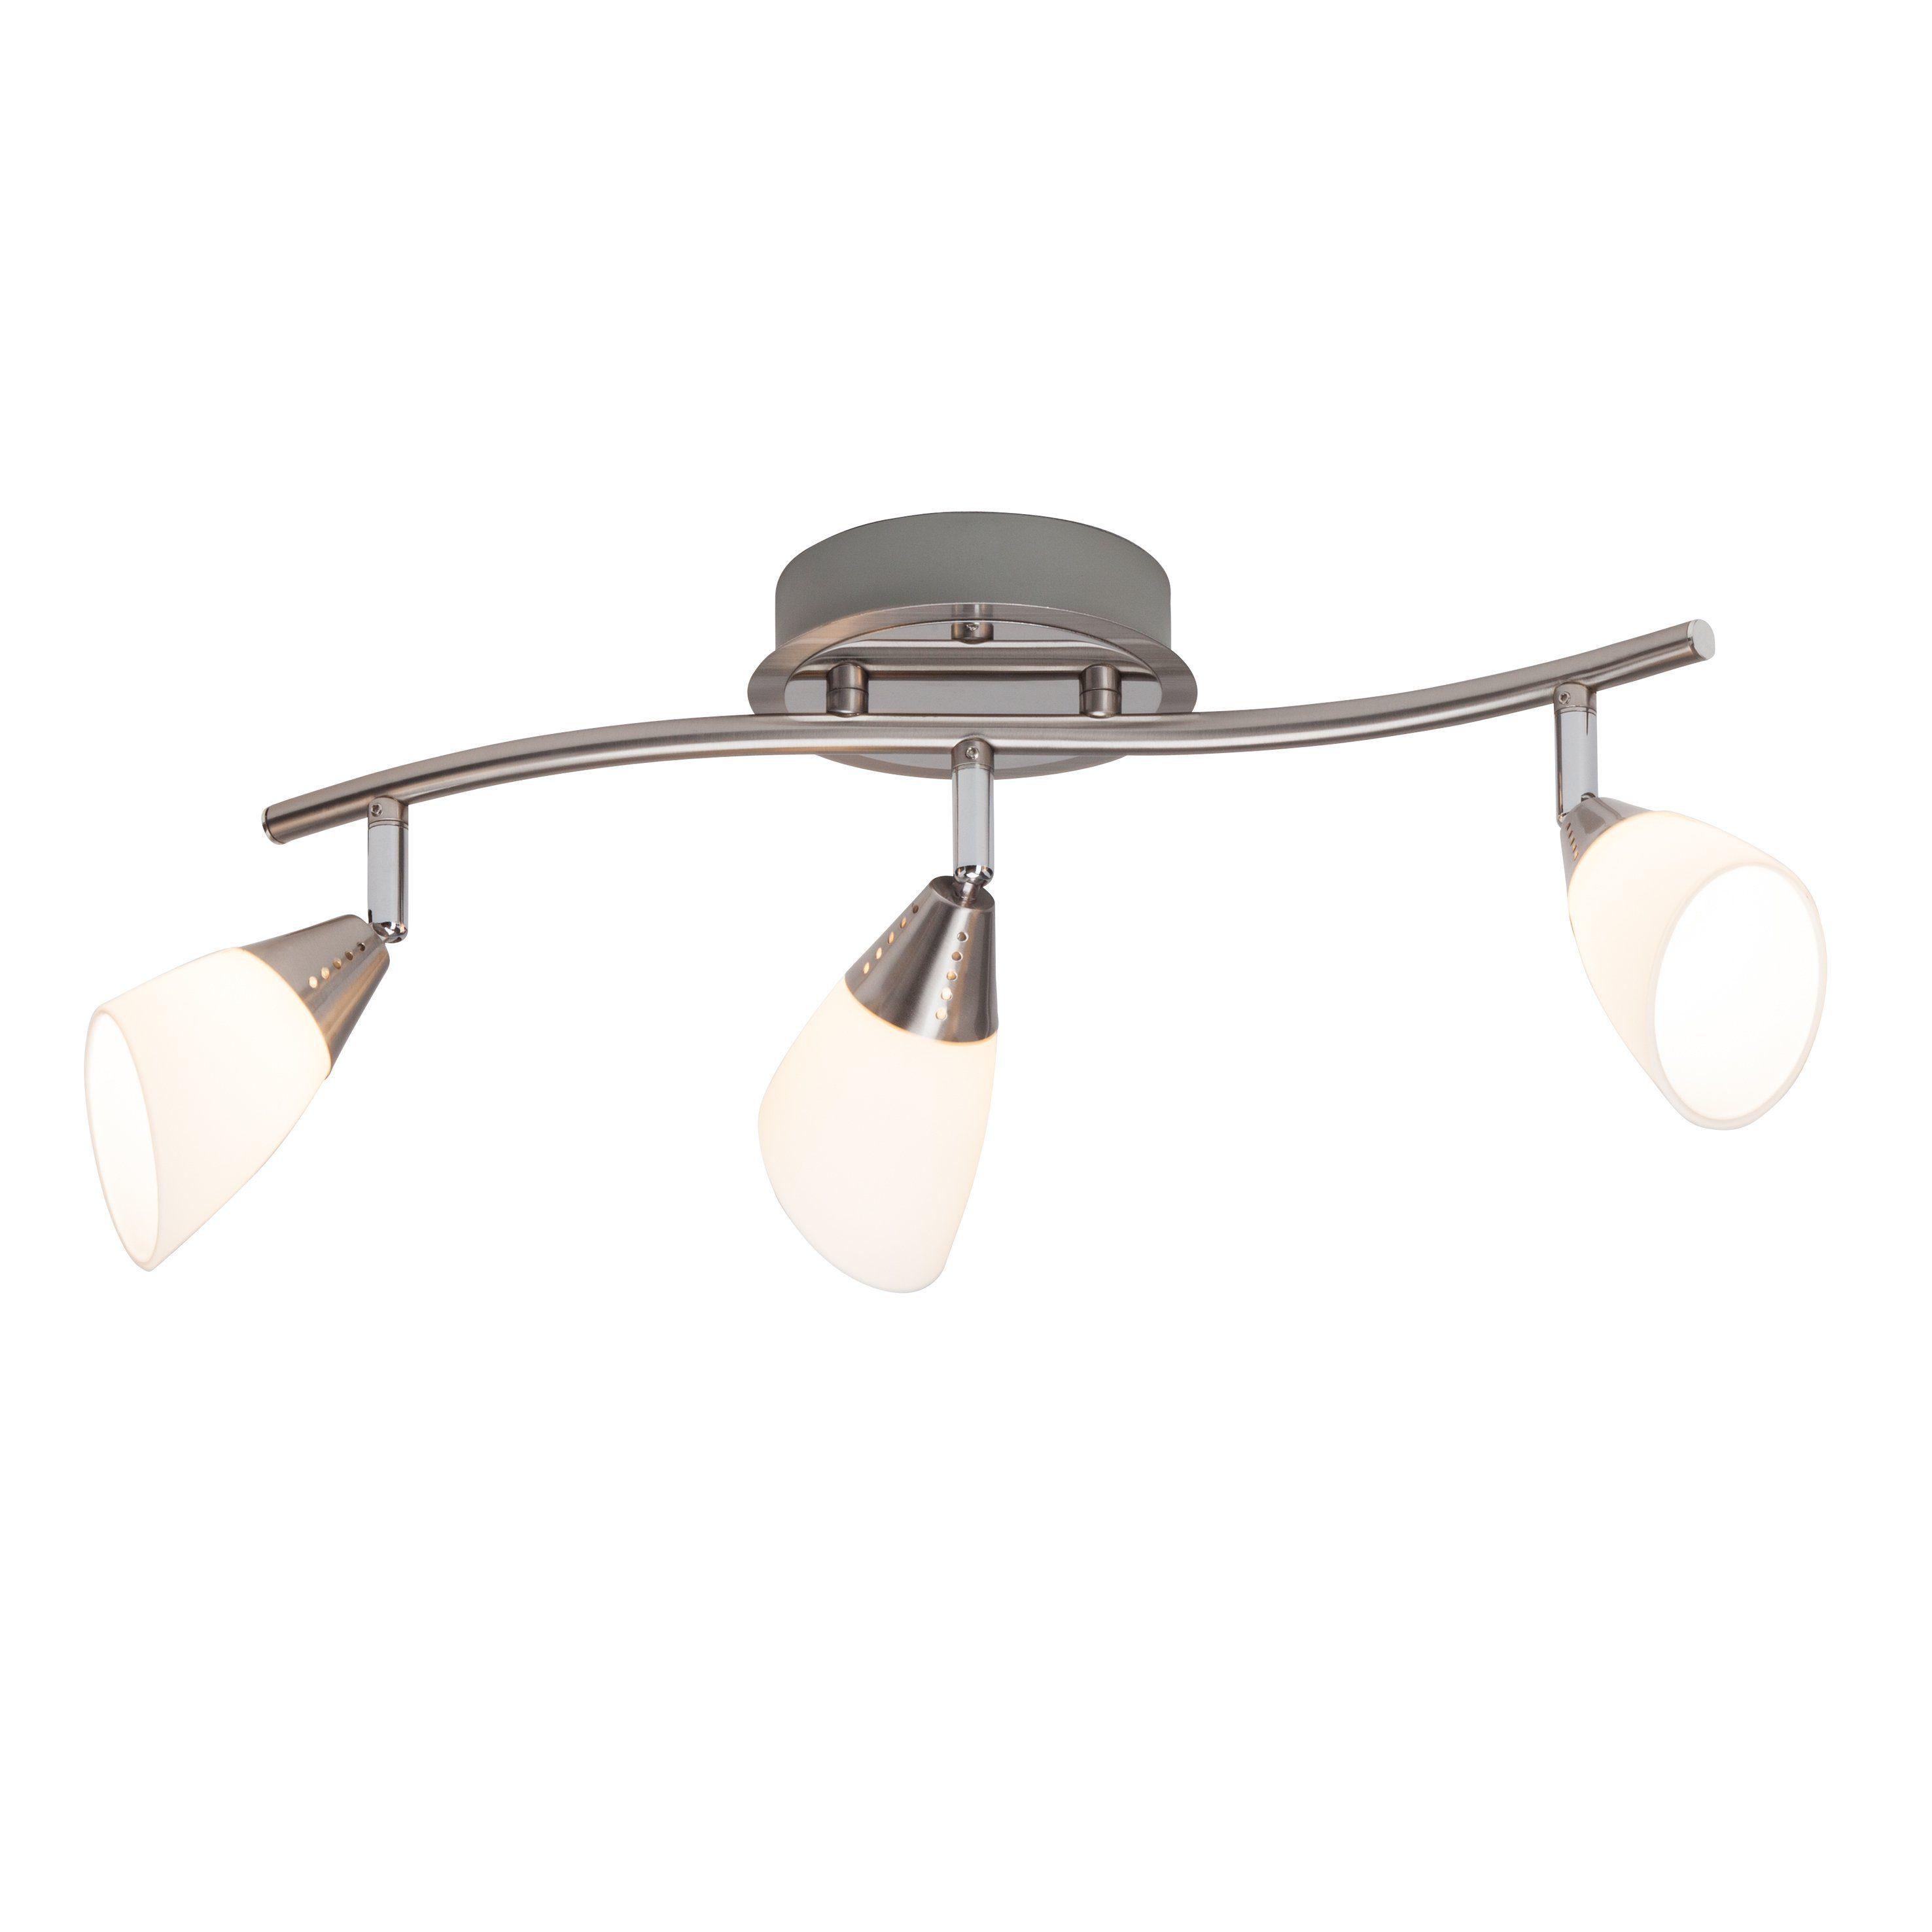 Brilliant Leuchten Opalina LED Spotrohr, 3-flammig eisen chrom/weiß